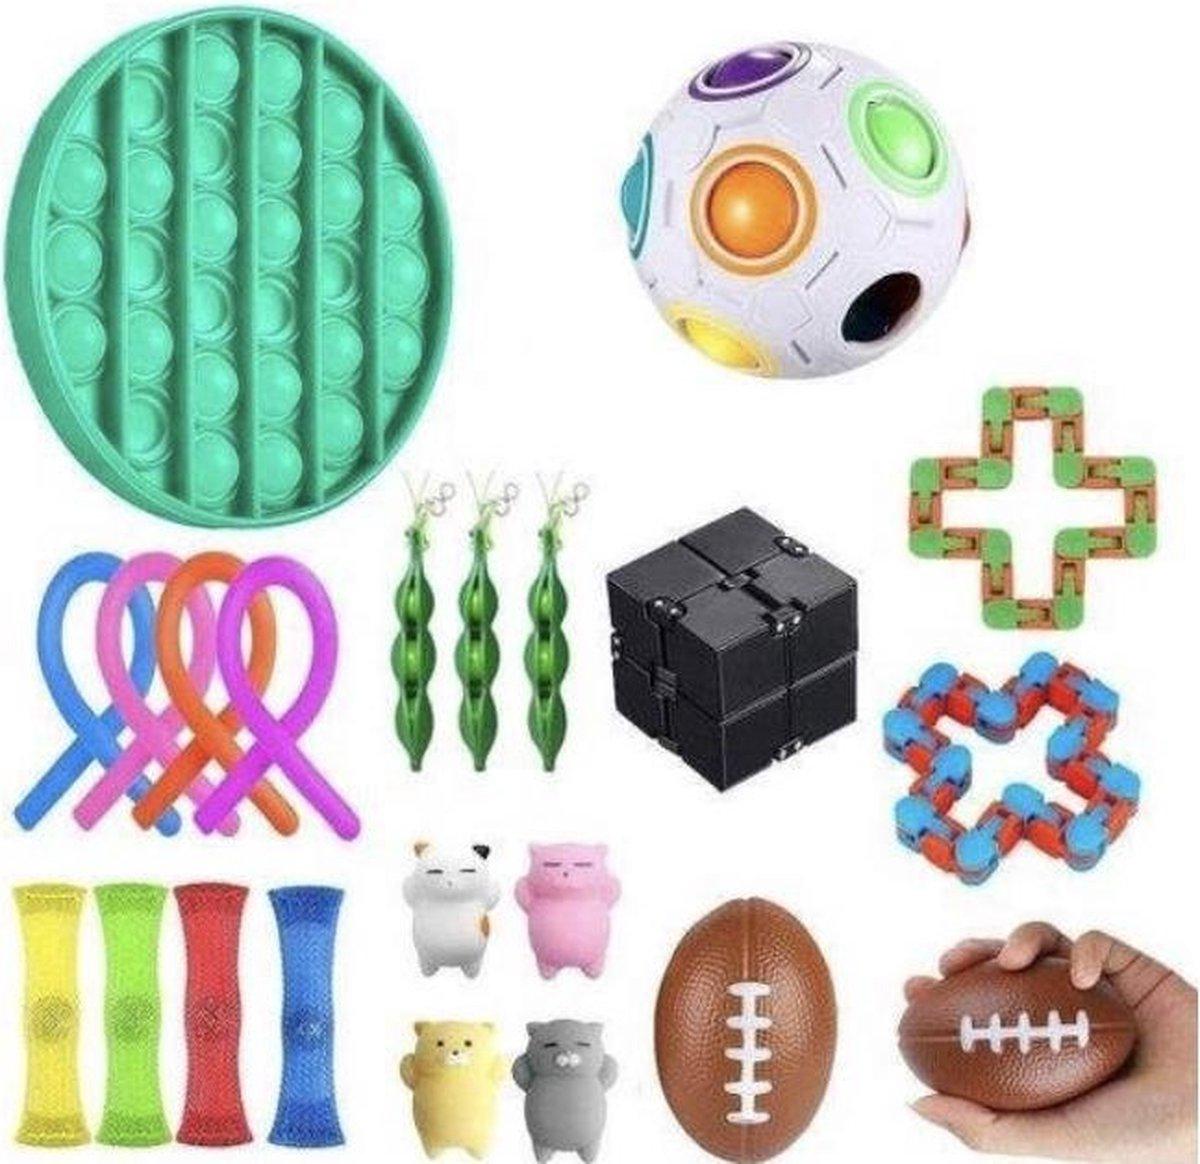 Fidget toys pakket - 20 stuks - Merkloos